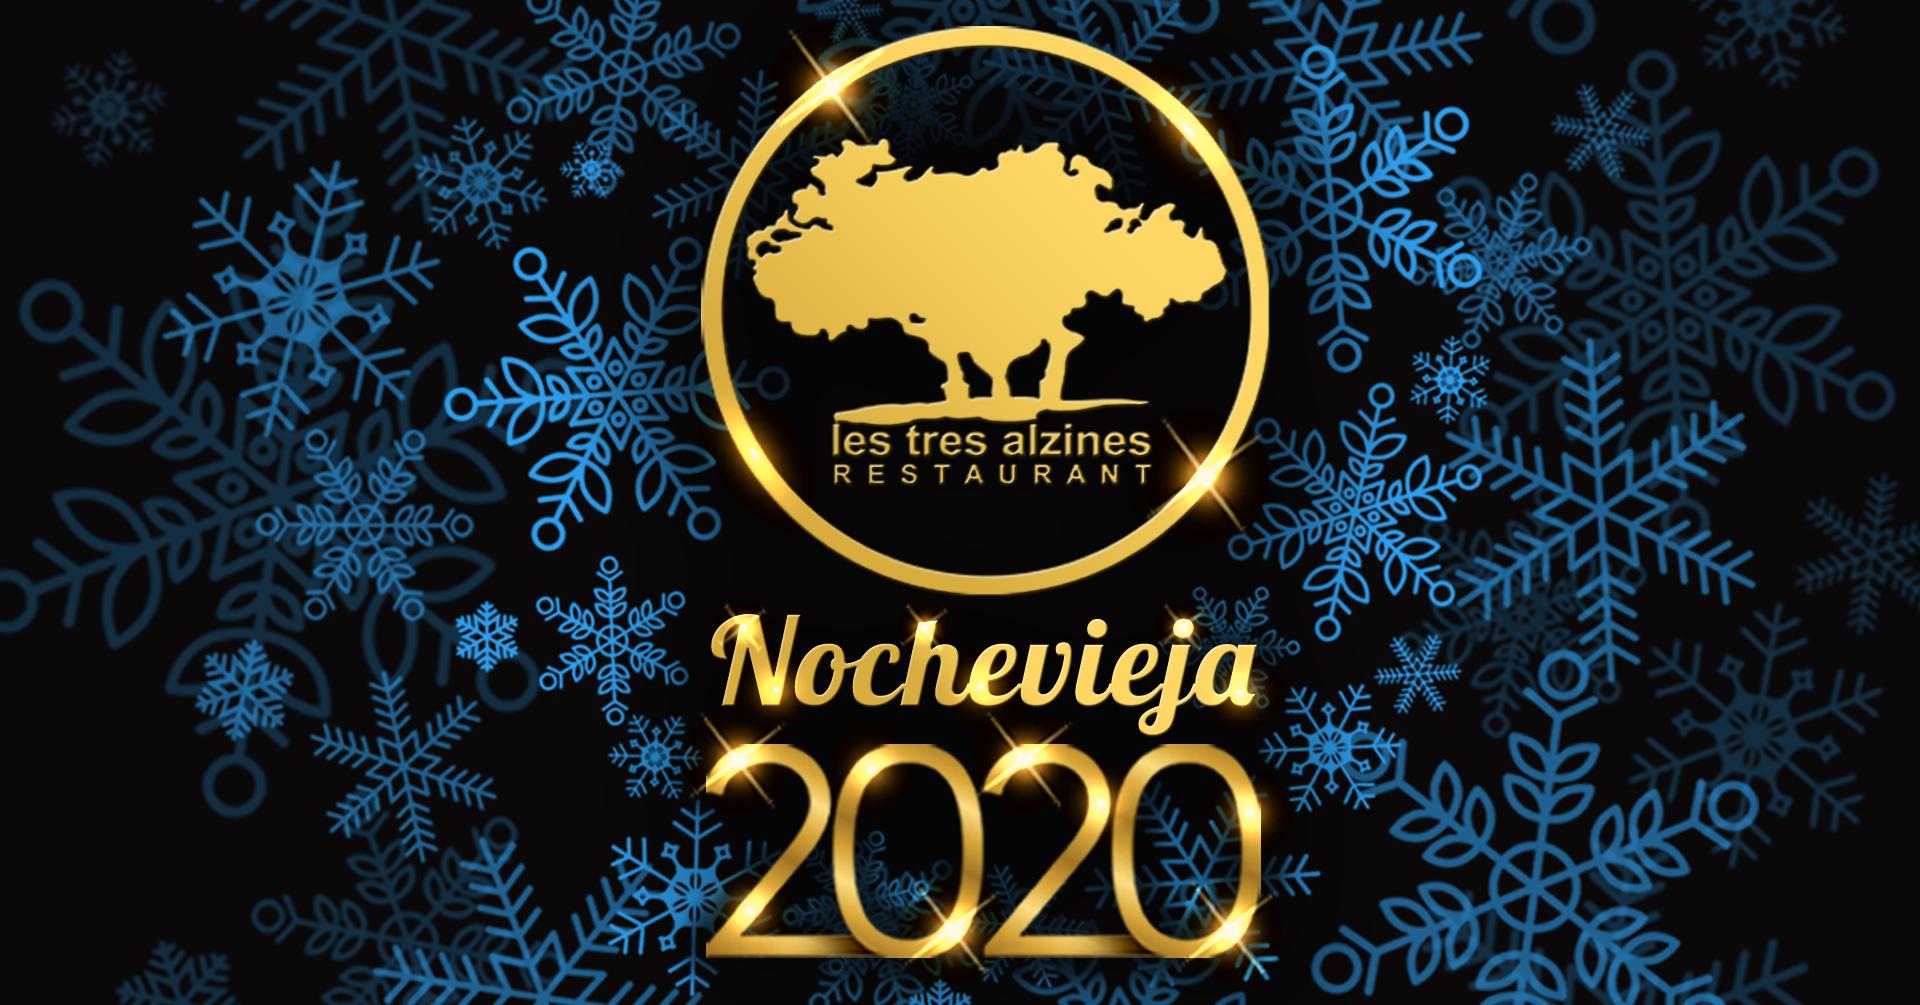 Restaurante braseria en La Roca Village - Les Tres Alzines - Nochevieja 2019 | Fiesta | 31 de Diciembre 2019